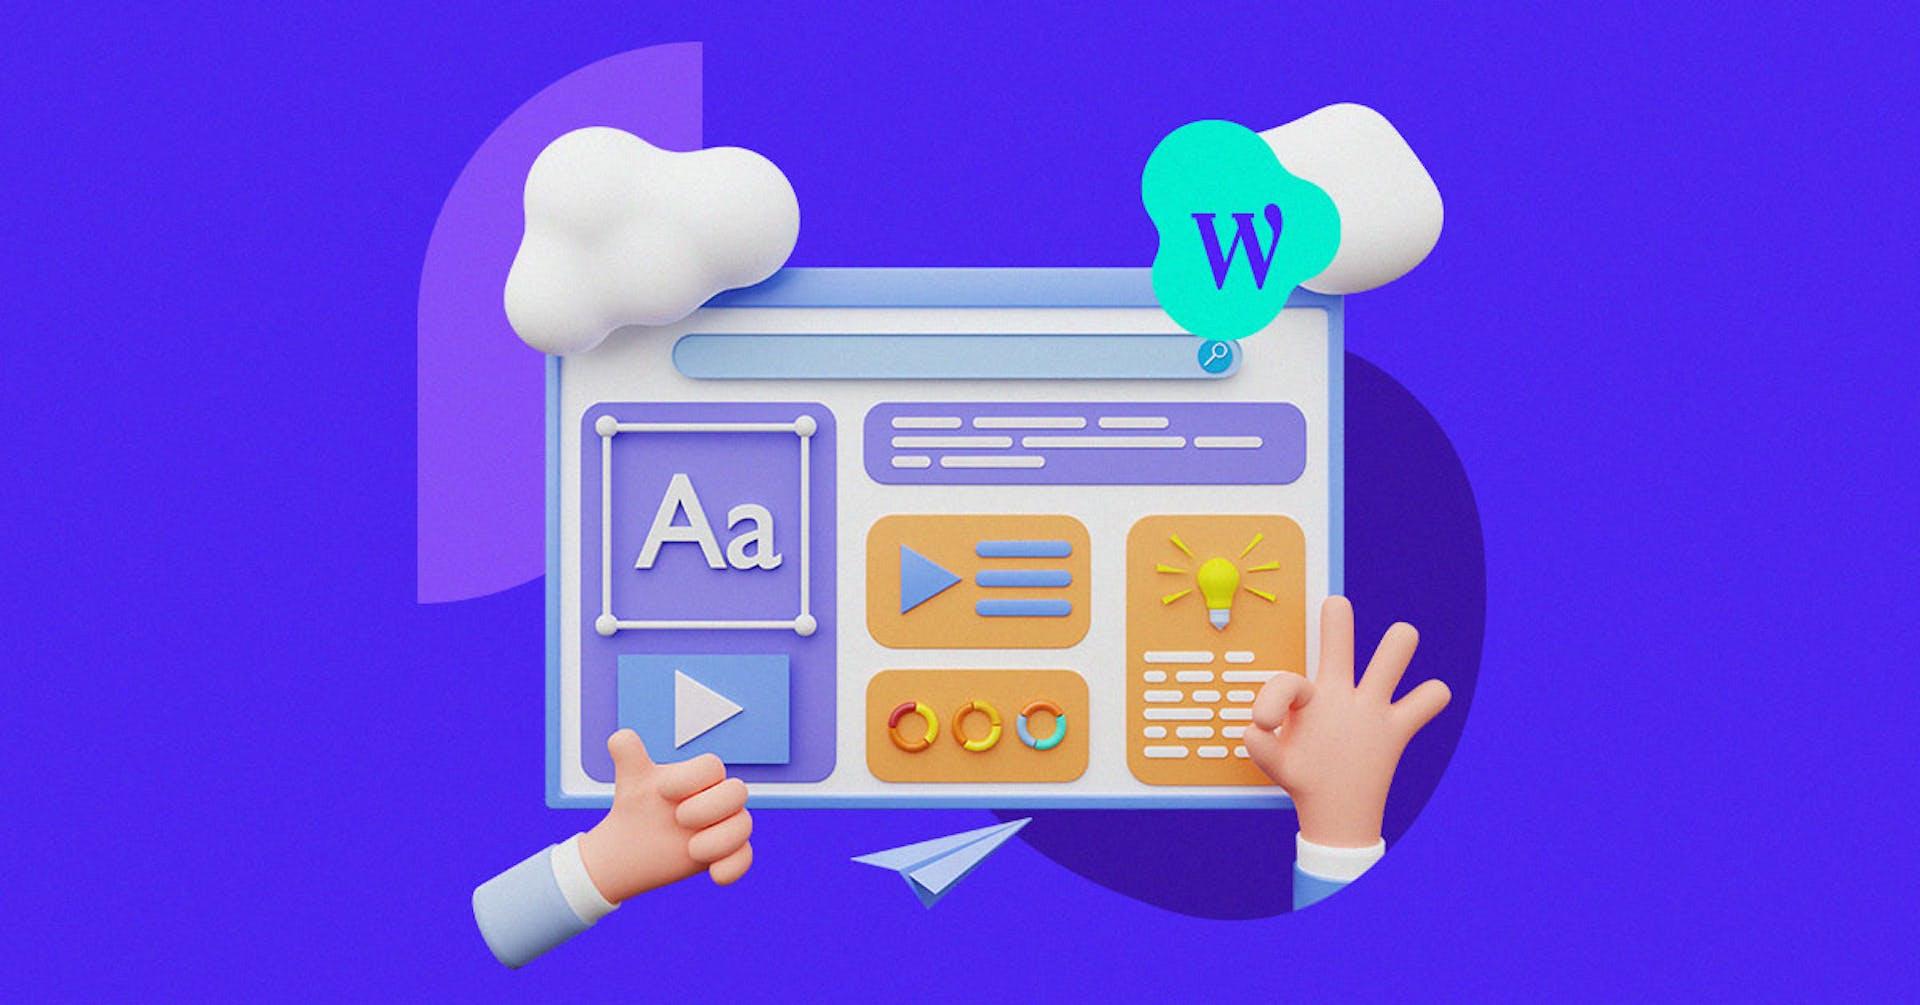 TOP 5: ¡El mejor plugin de Wordpress para compartir en redes sociales está aquí!